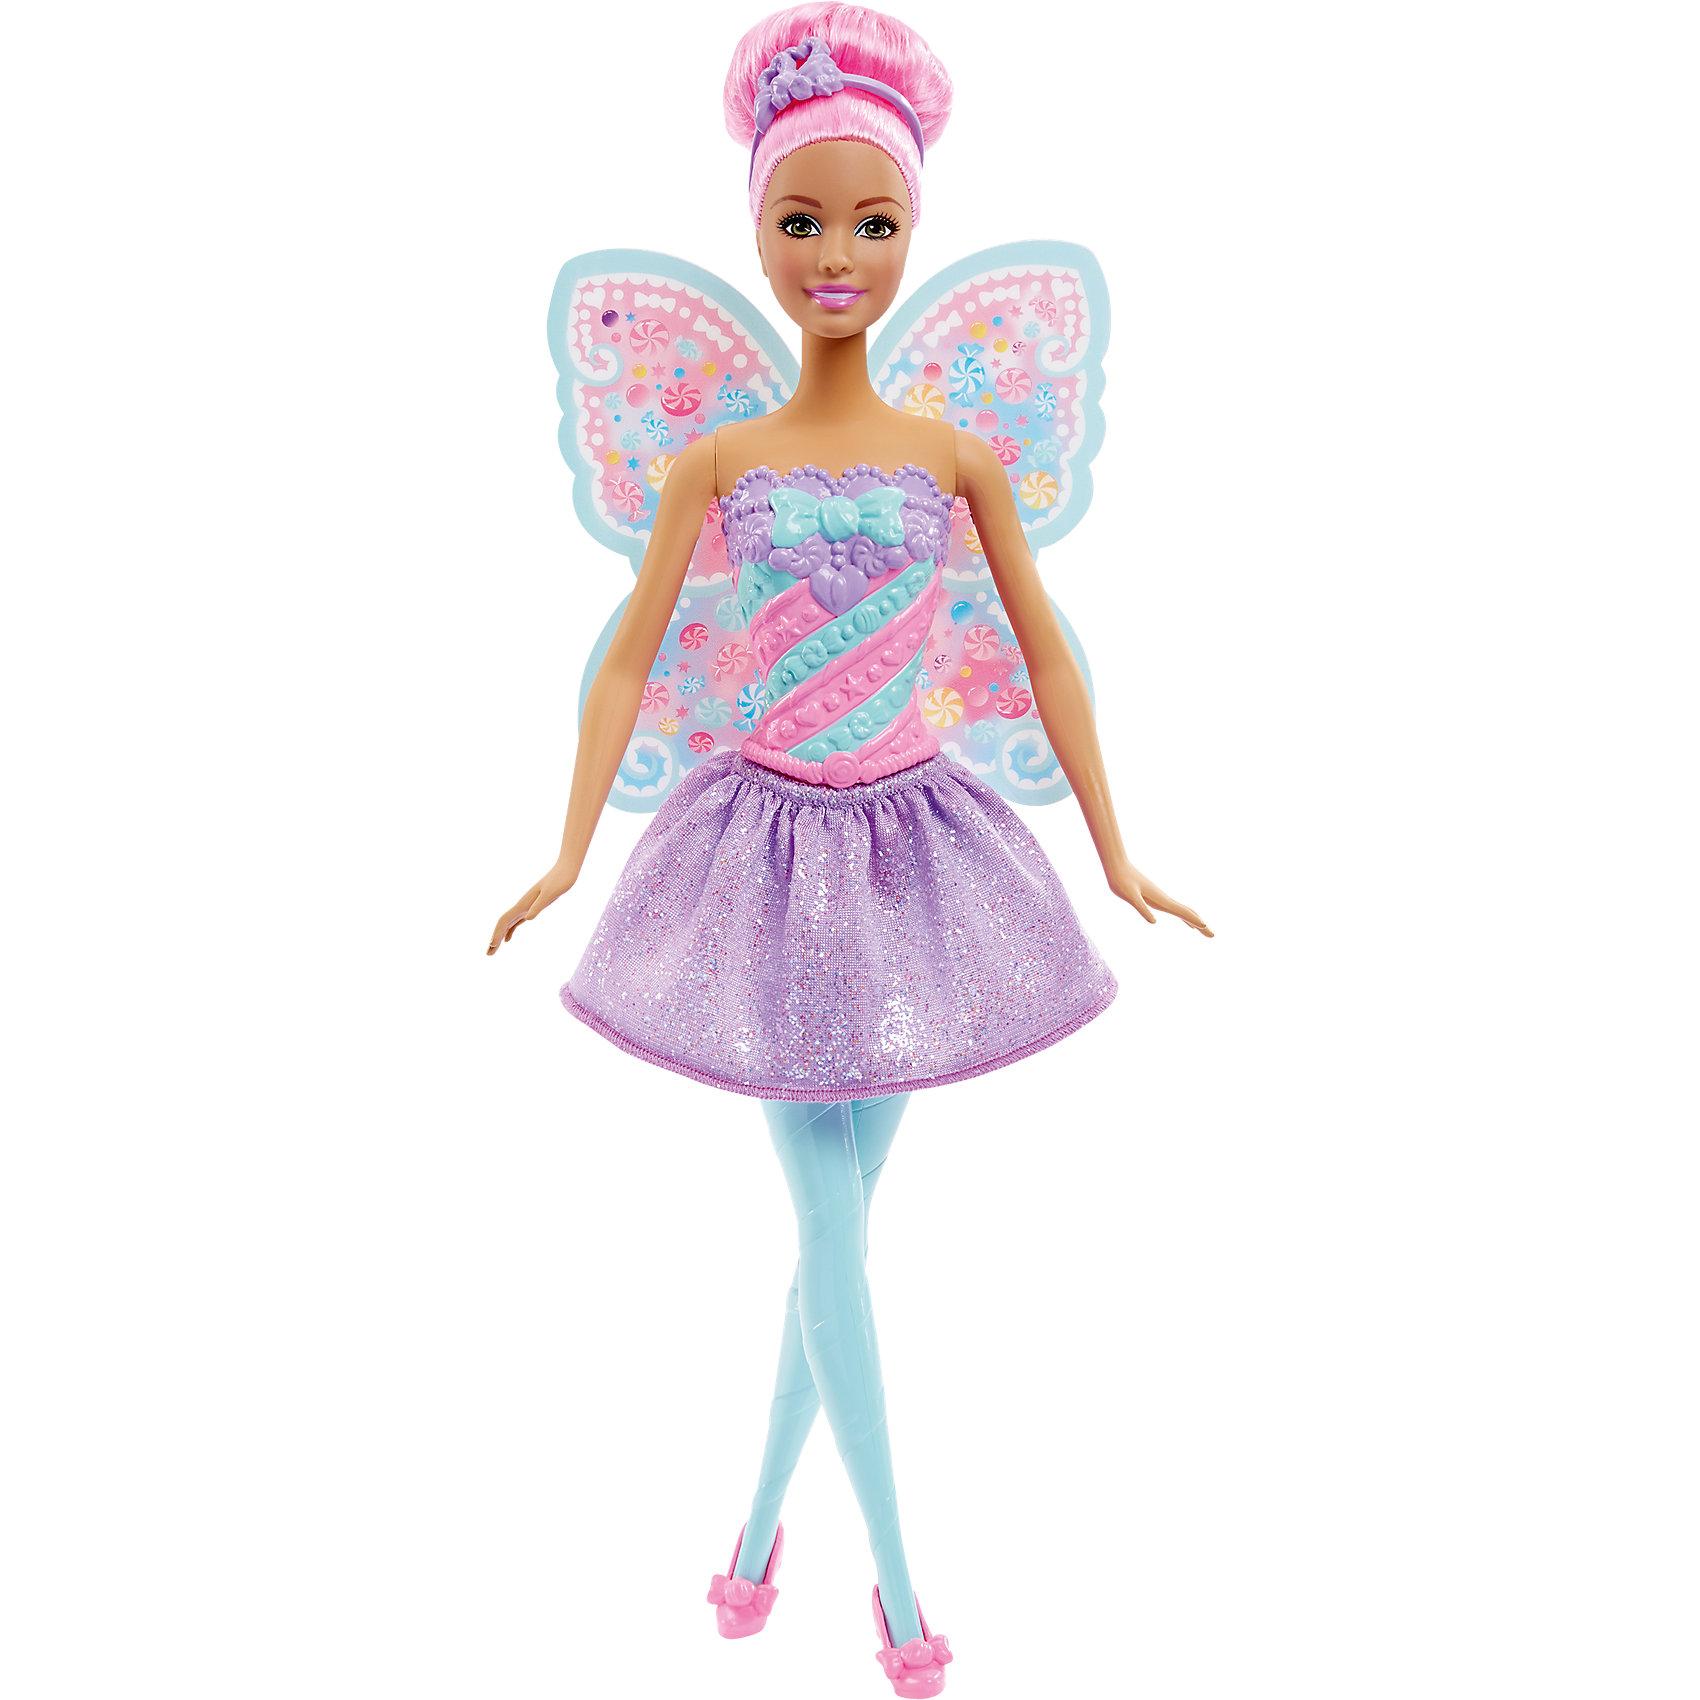 Конфетная кукла-фея Sweet, BarbieBarbie<br>Очаровательная конфетная кукла-фея Sweet станет прекрасным подарком для девочки. Кукла одета в красивое платье с нежной расцветкой и подолом с блестками, волосы уложены в прическу с ободком. Все конечности подвижны, что позволит посадить куклу в подходящую для игры позу. Милые крылышки феи помогут девочке окунуться в мир волшебства вместе с Barbie.<br><br>Дополнительная информация:<br>Материал: пластик<br>Вес: 175 грамм<br>Конфетную куклу-фею Sweet можно приобрести в нашем интернет-магазине.<br><br>Ширина мм: 325<br>Глубина мм: 126<br>Высота мм: 46<br>Вес г: 177<br>Возраст от месяцев: 36<br>Возраст до месяцев: 72<br>Пол: Женский<br>Возраст: Детский<br>SKU: 4349936